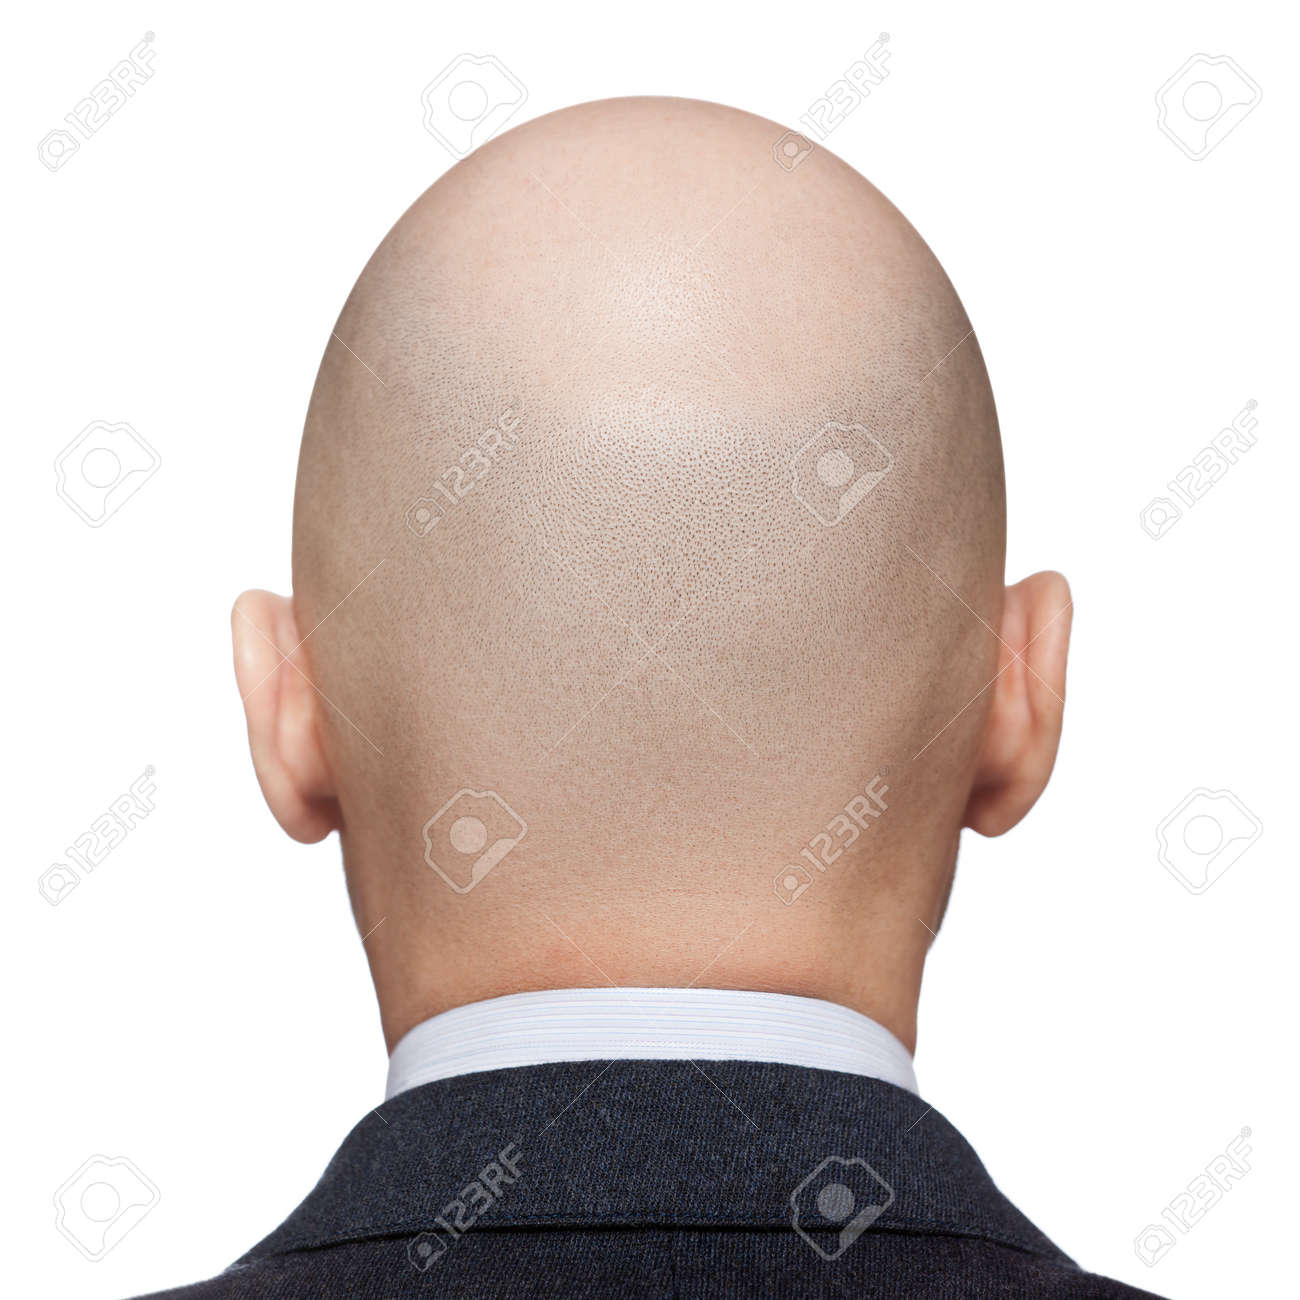 Menschliche alopezie oder haarausfall erwachsener mann glatze menschliche alopezie oder haarausfall erwachsener mann glatze hinten oder rckansicht standard bild 13175100 altavistaventures Gallery